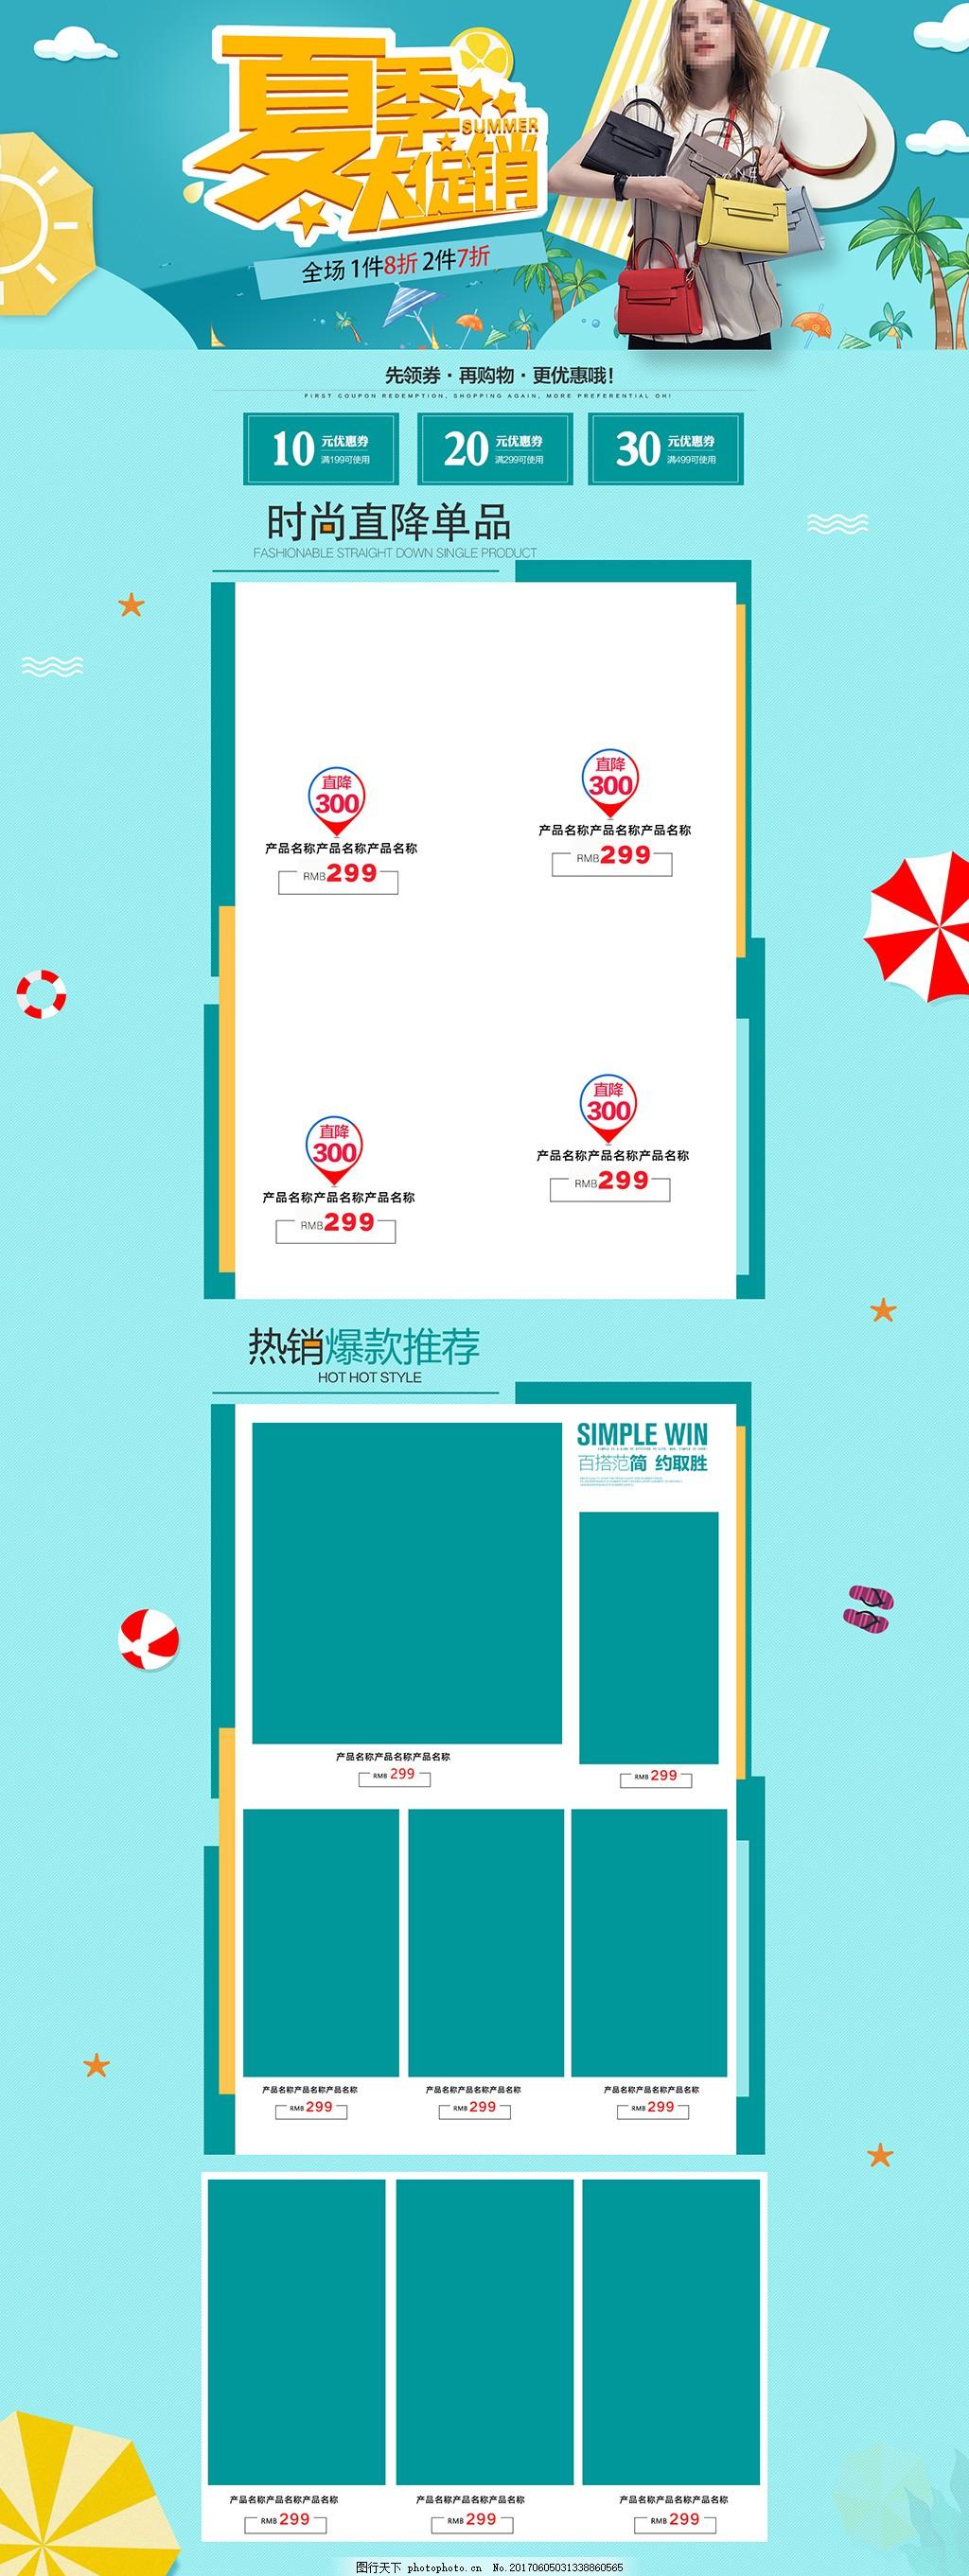 电商淘宝天猫夏季夏季在促销箱包皮具首页 首页模板 淘宝女包首页包包首页